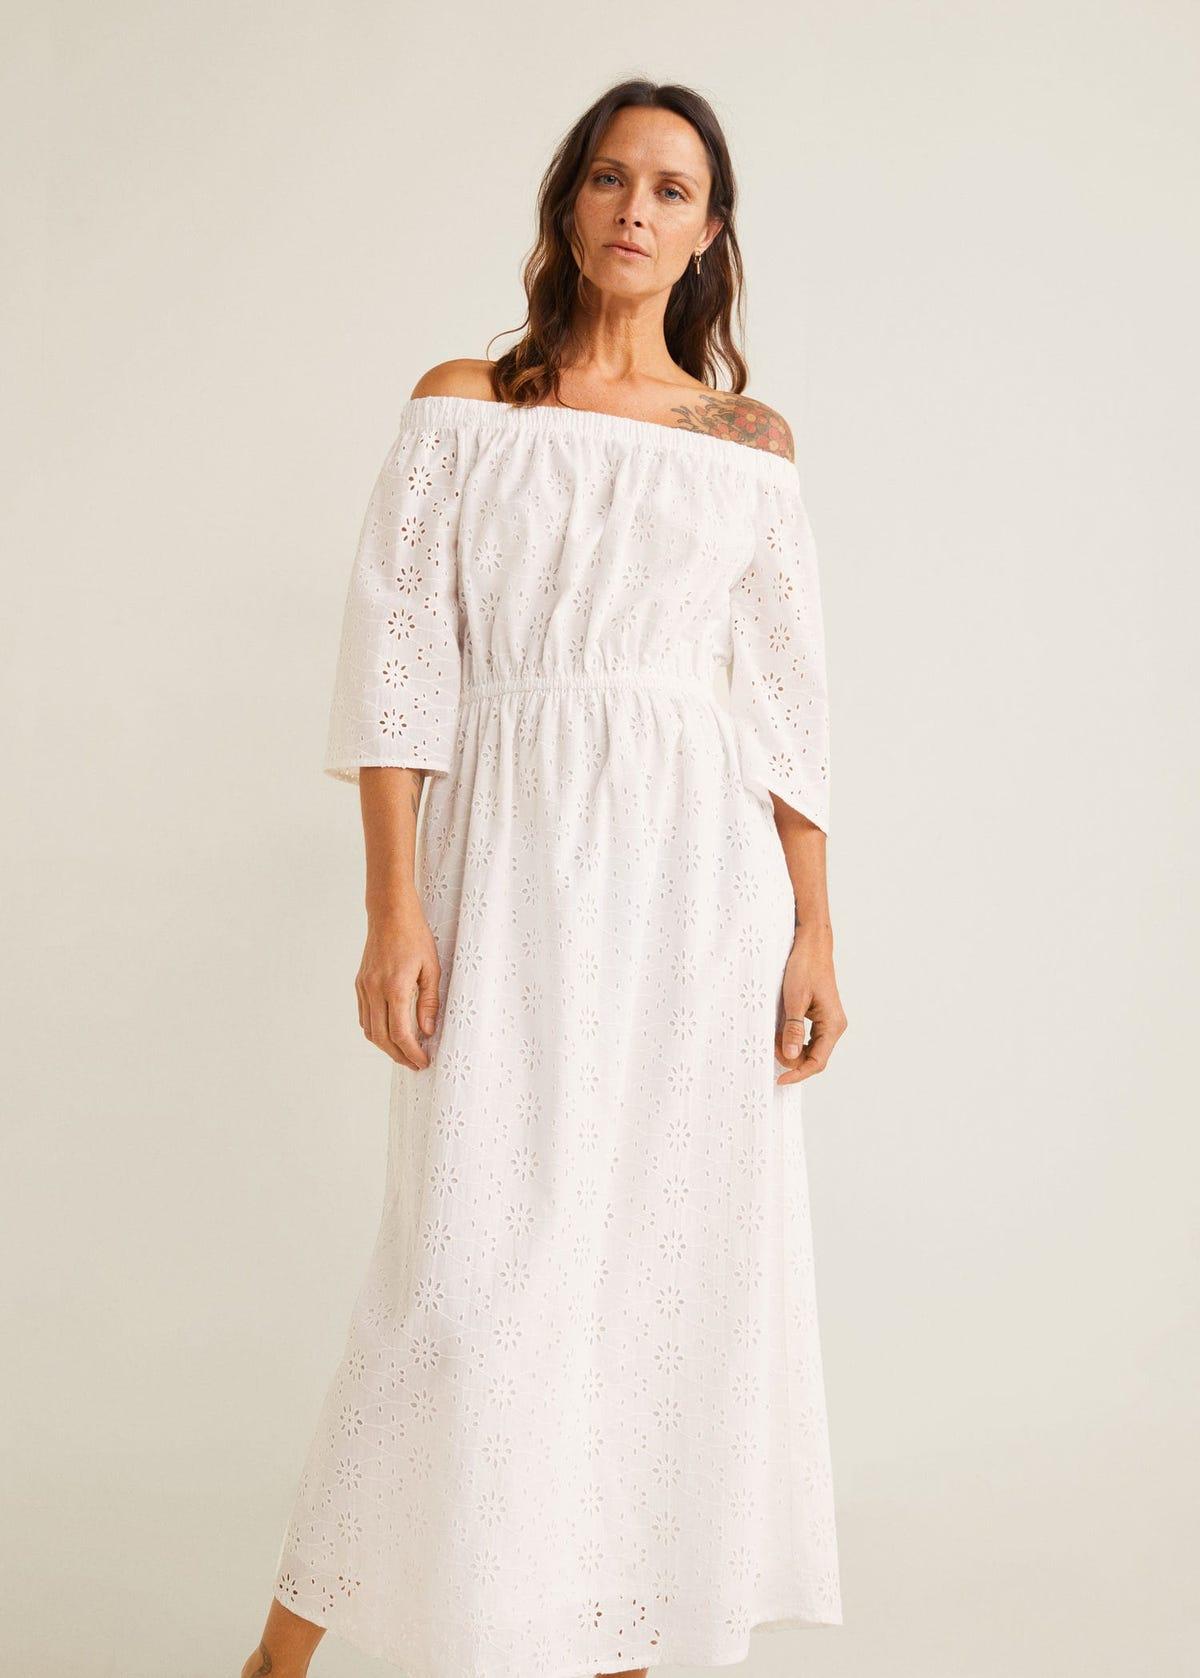 24 24 Für Modebewusste 24 Hochzeitskleider Für Modebewusste Bräute Bräute Hochzeitskleider qSMVpUz